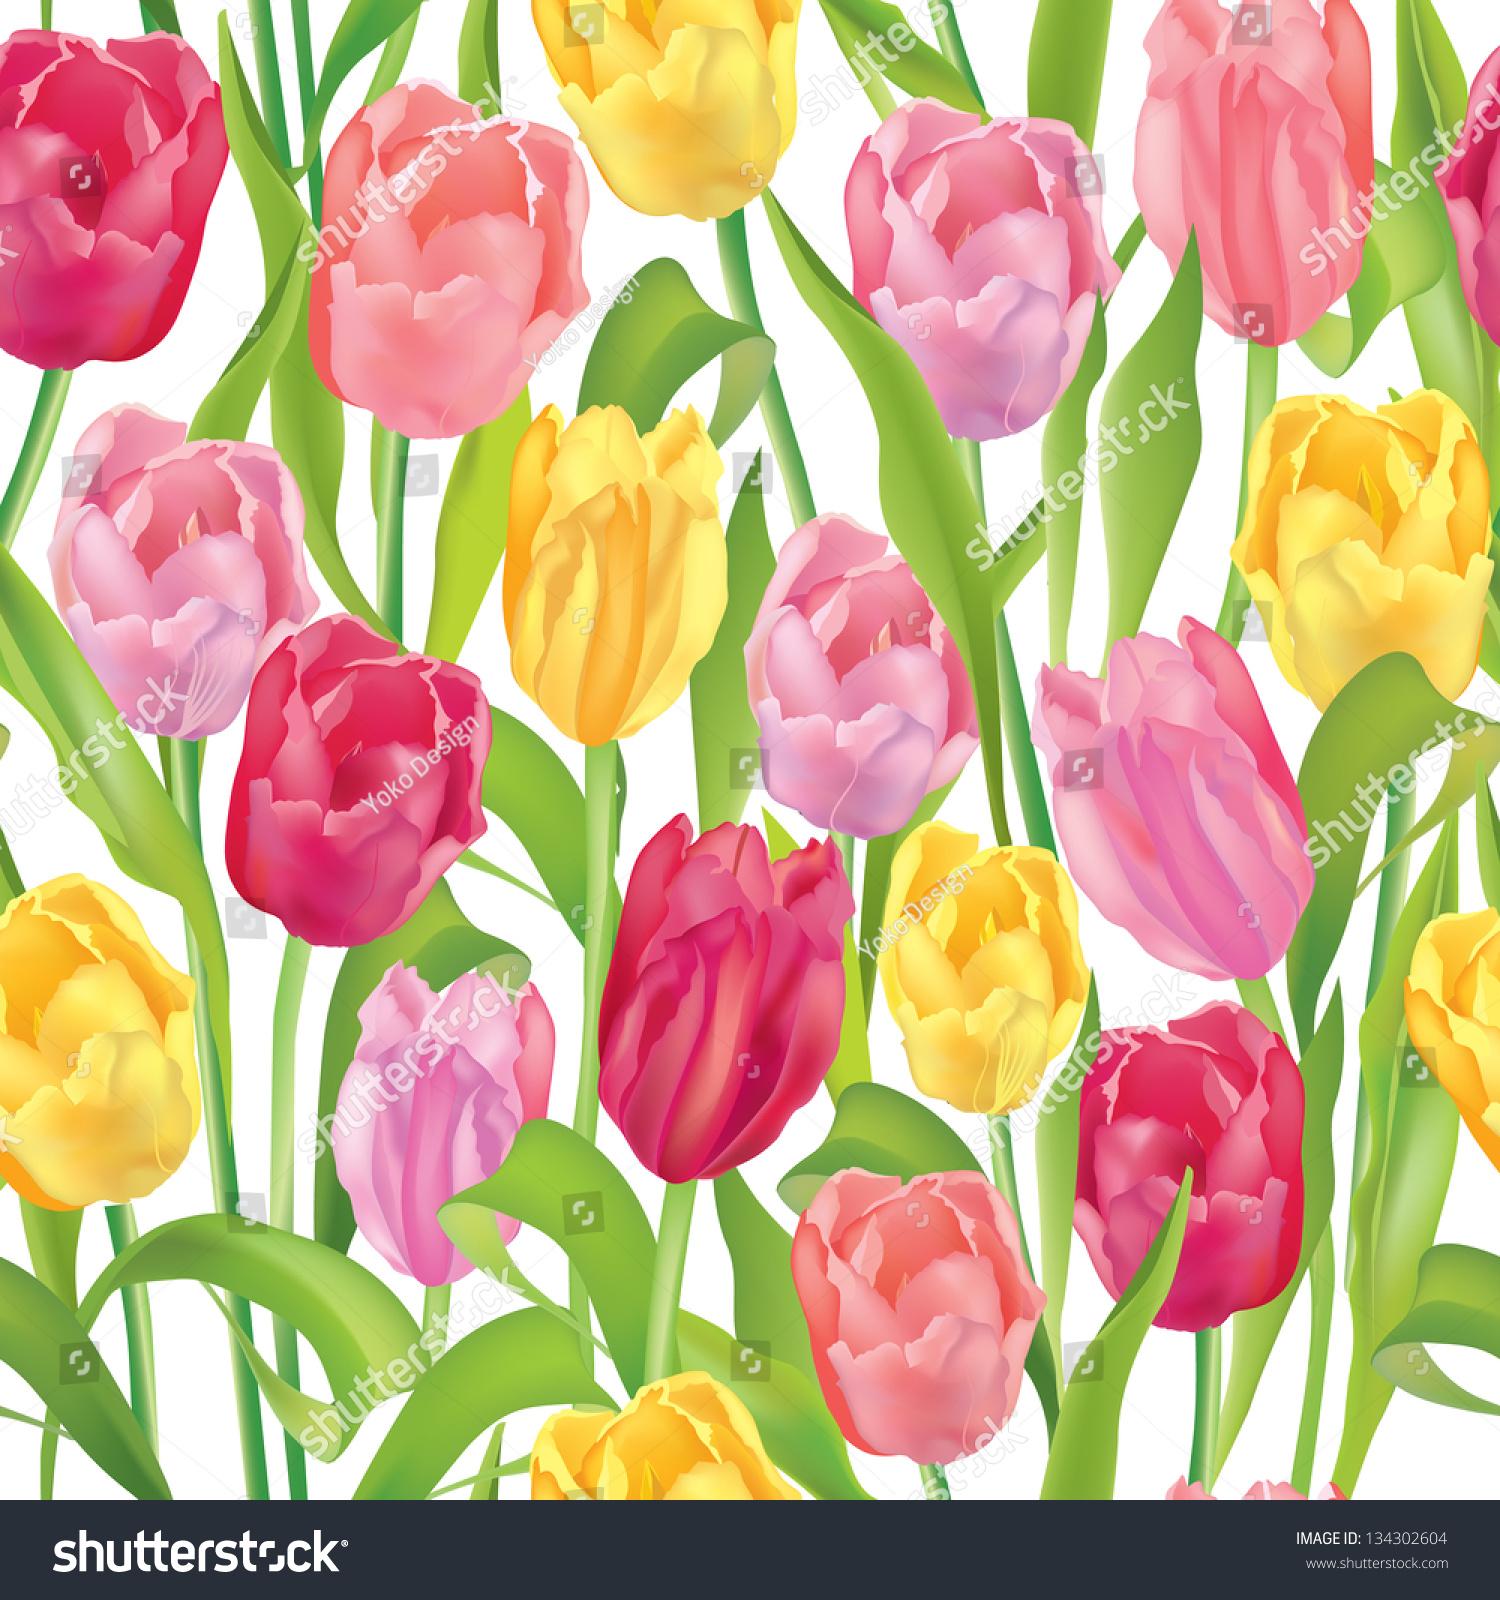 Flower Seamless Background. Flower Tulips Over White